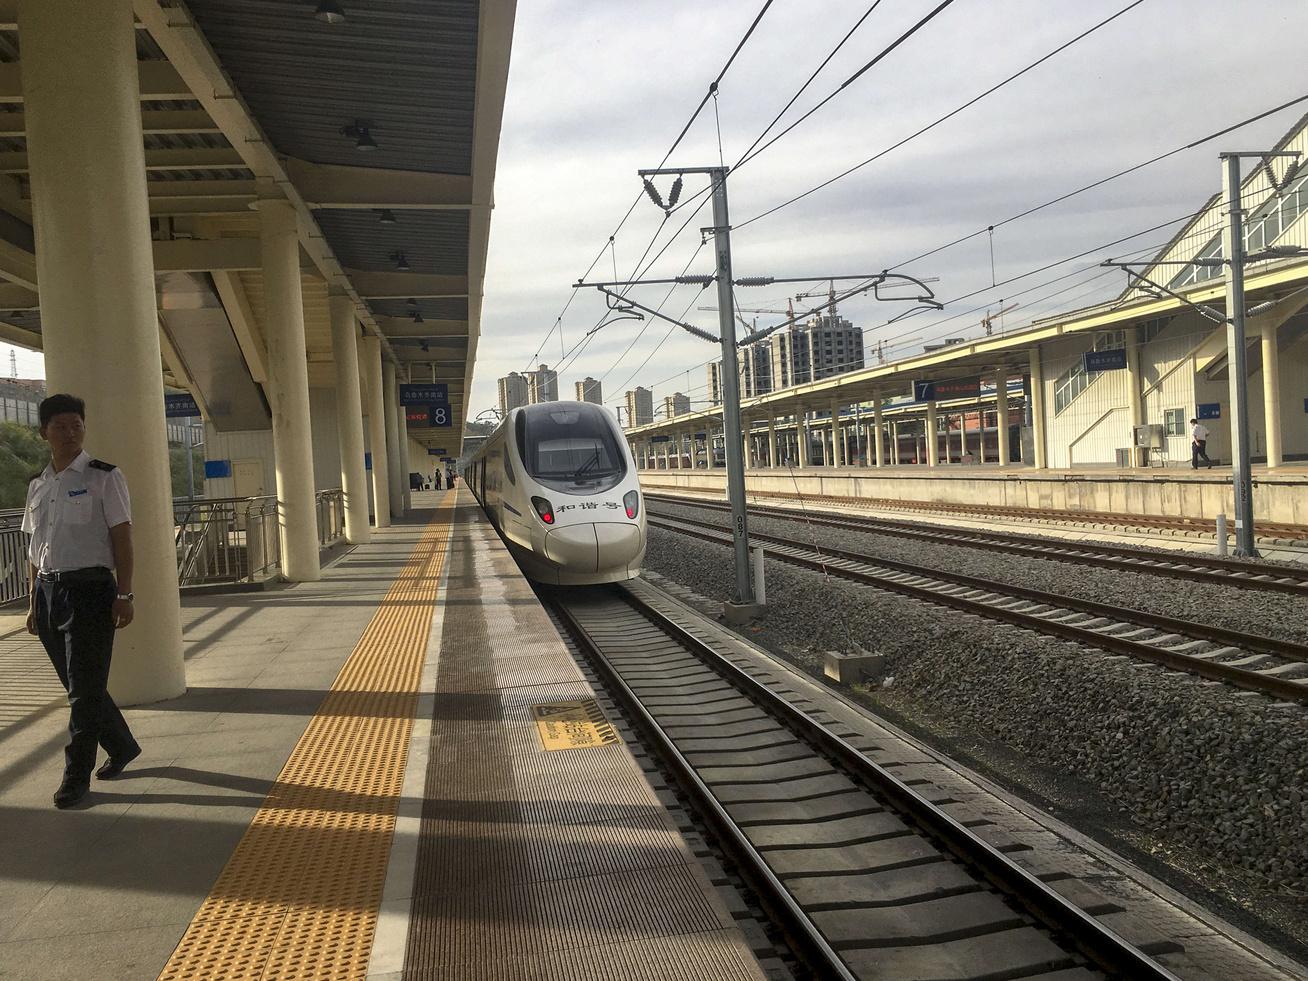 világ leghosszabb vasútvonala, selyemút